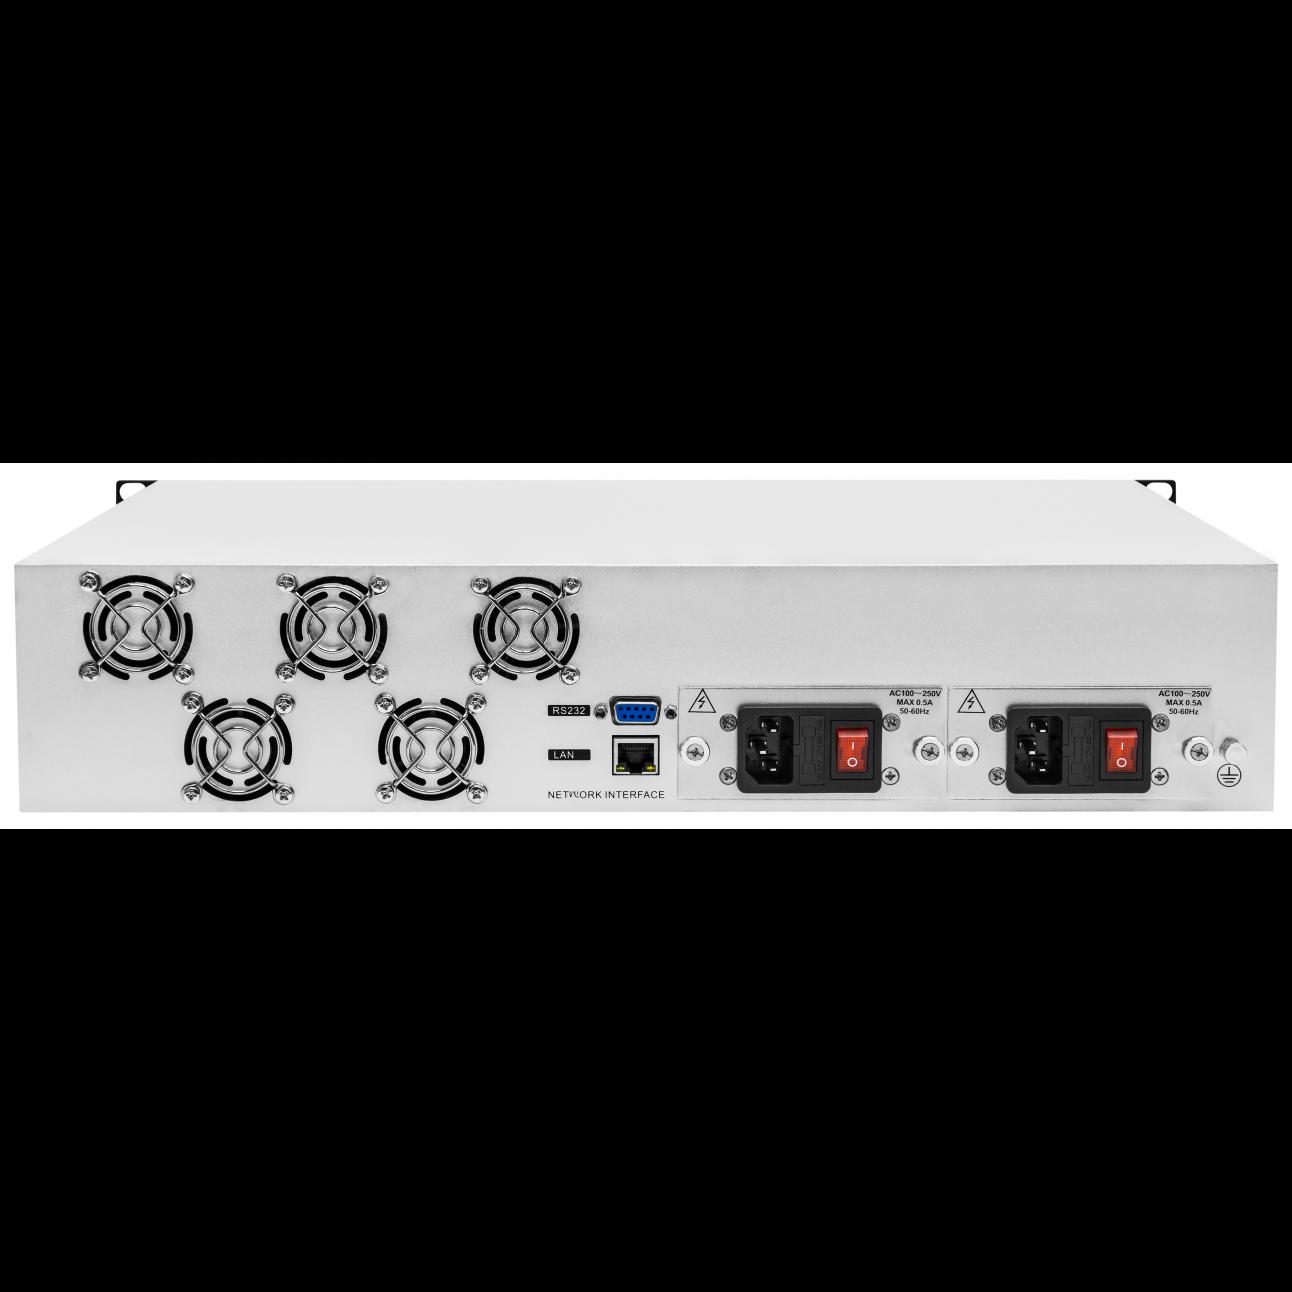 Оптический усилитель VERMAX для сетей КТВ, 2 входа, 16*15dBm выходов